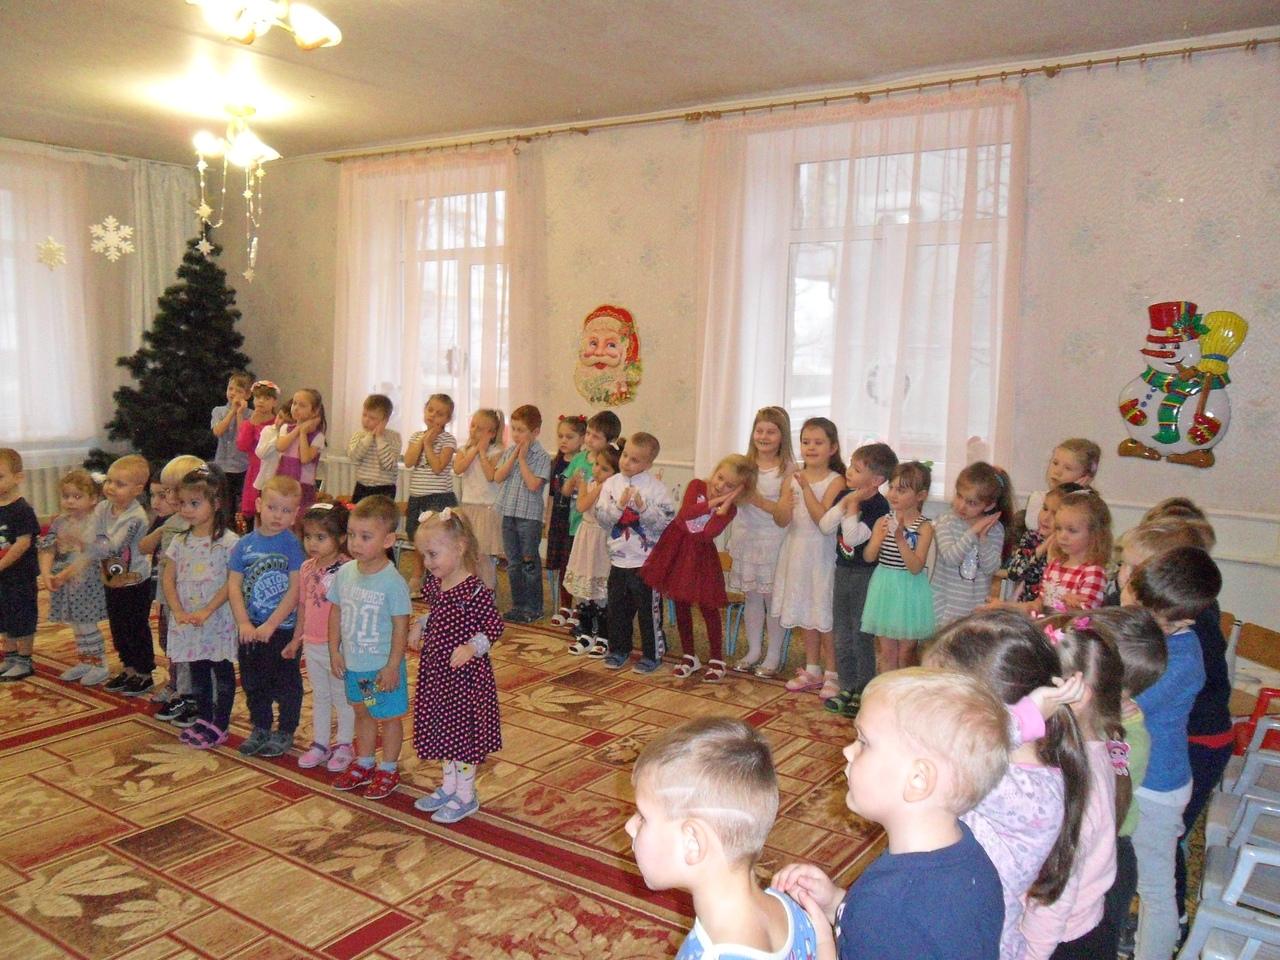 донецкая республиканская библиотека для детей, отдел искусств, с библиотекой интересно, детям обо всем на свете, день святого николая